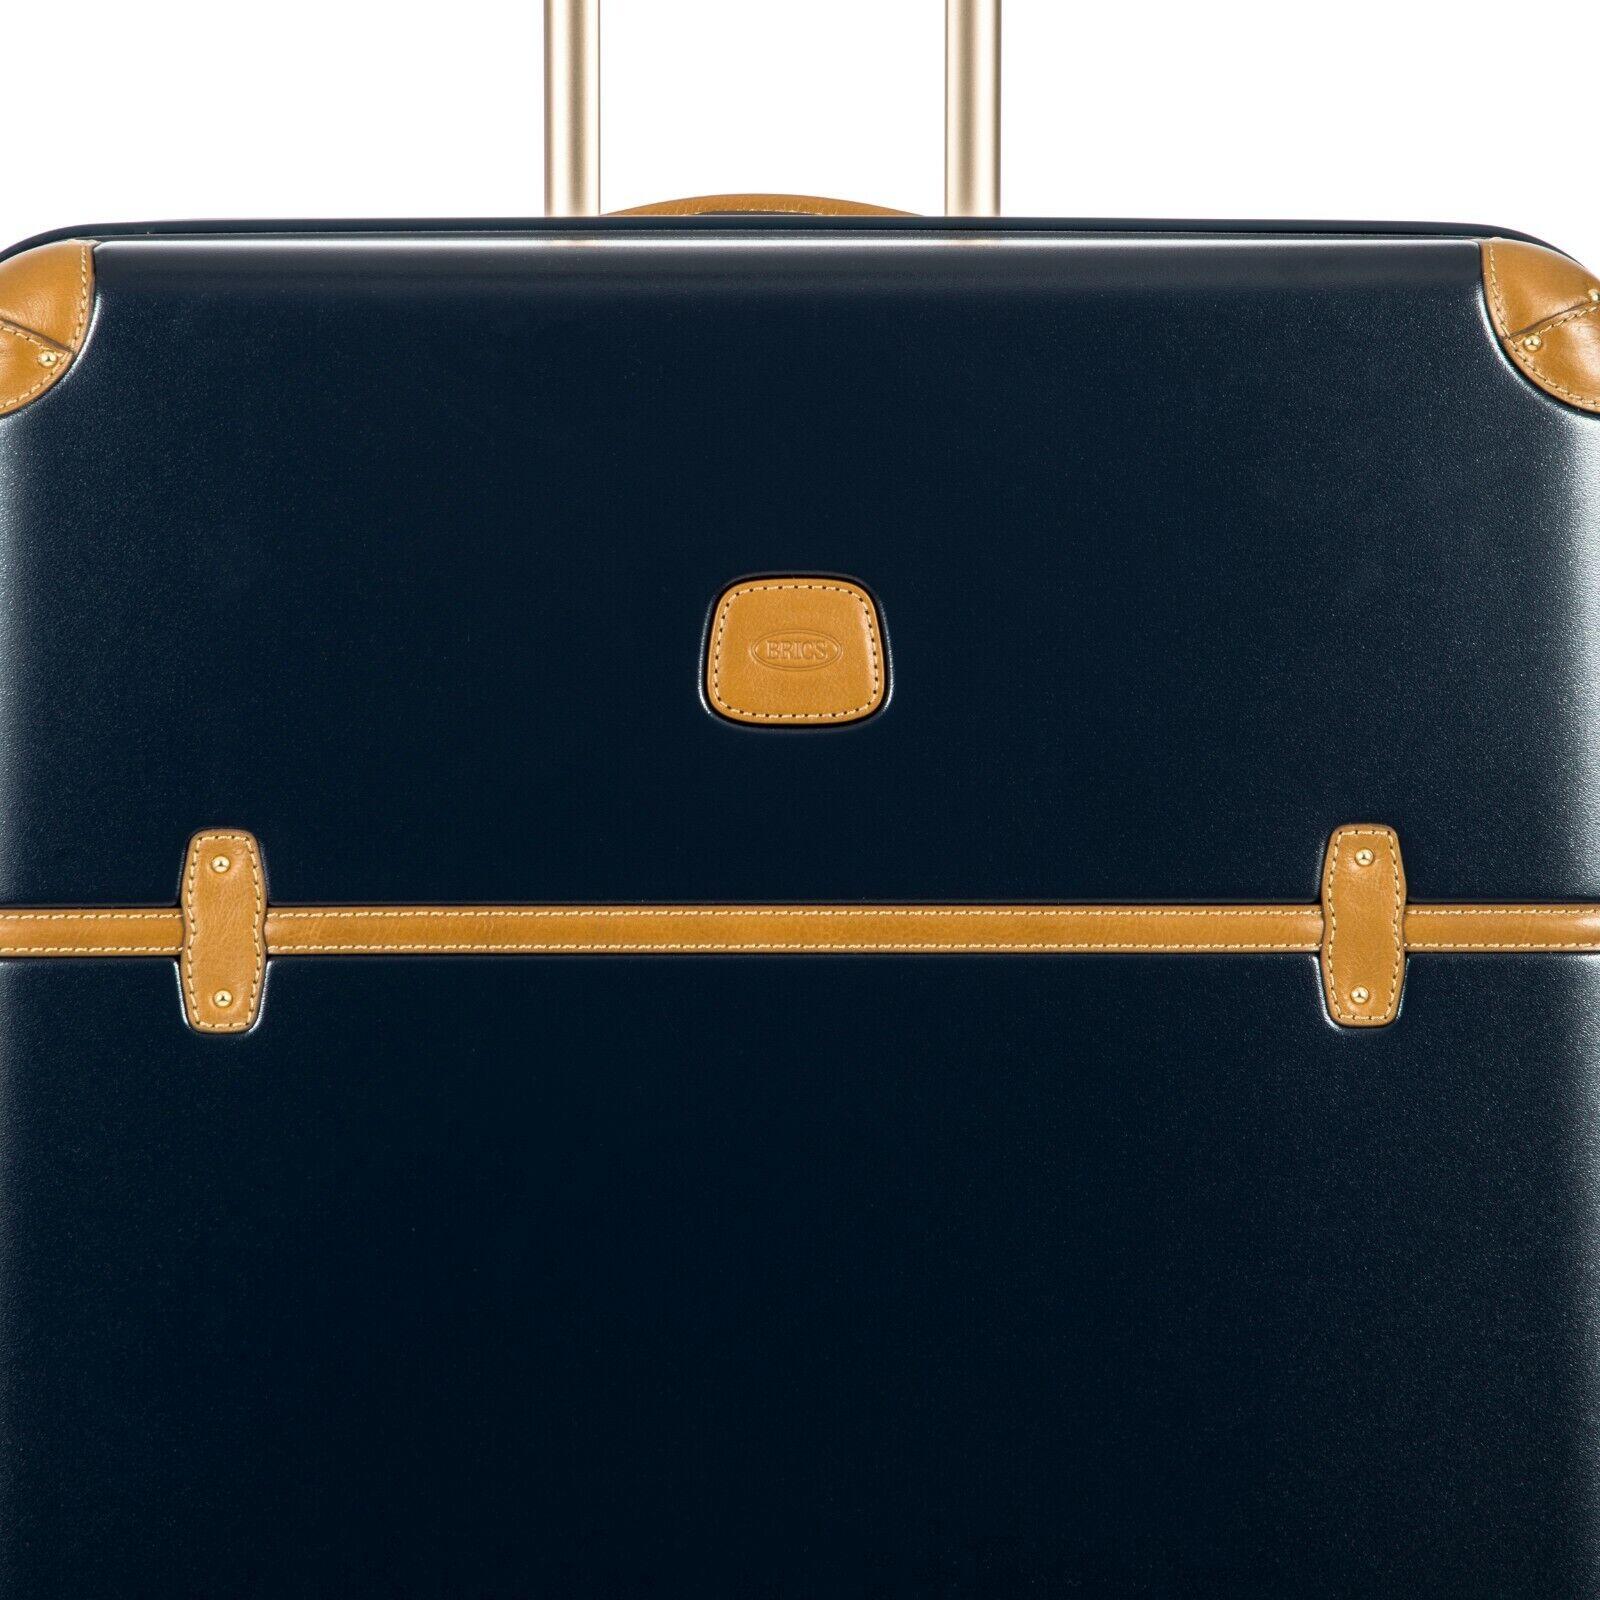 .Brics 32 BELLAGIO SPINNER, New Still In Original Box - $395.00